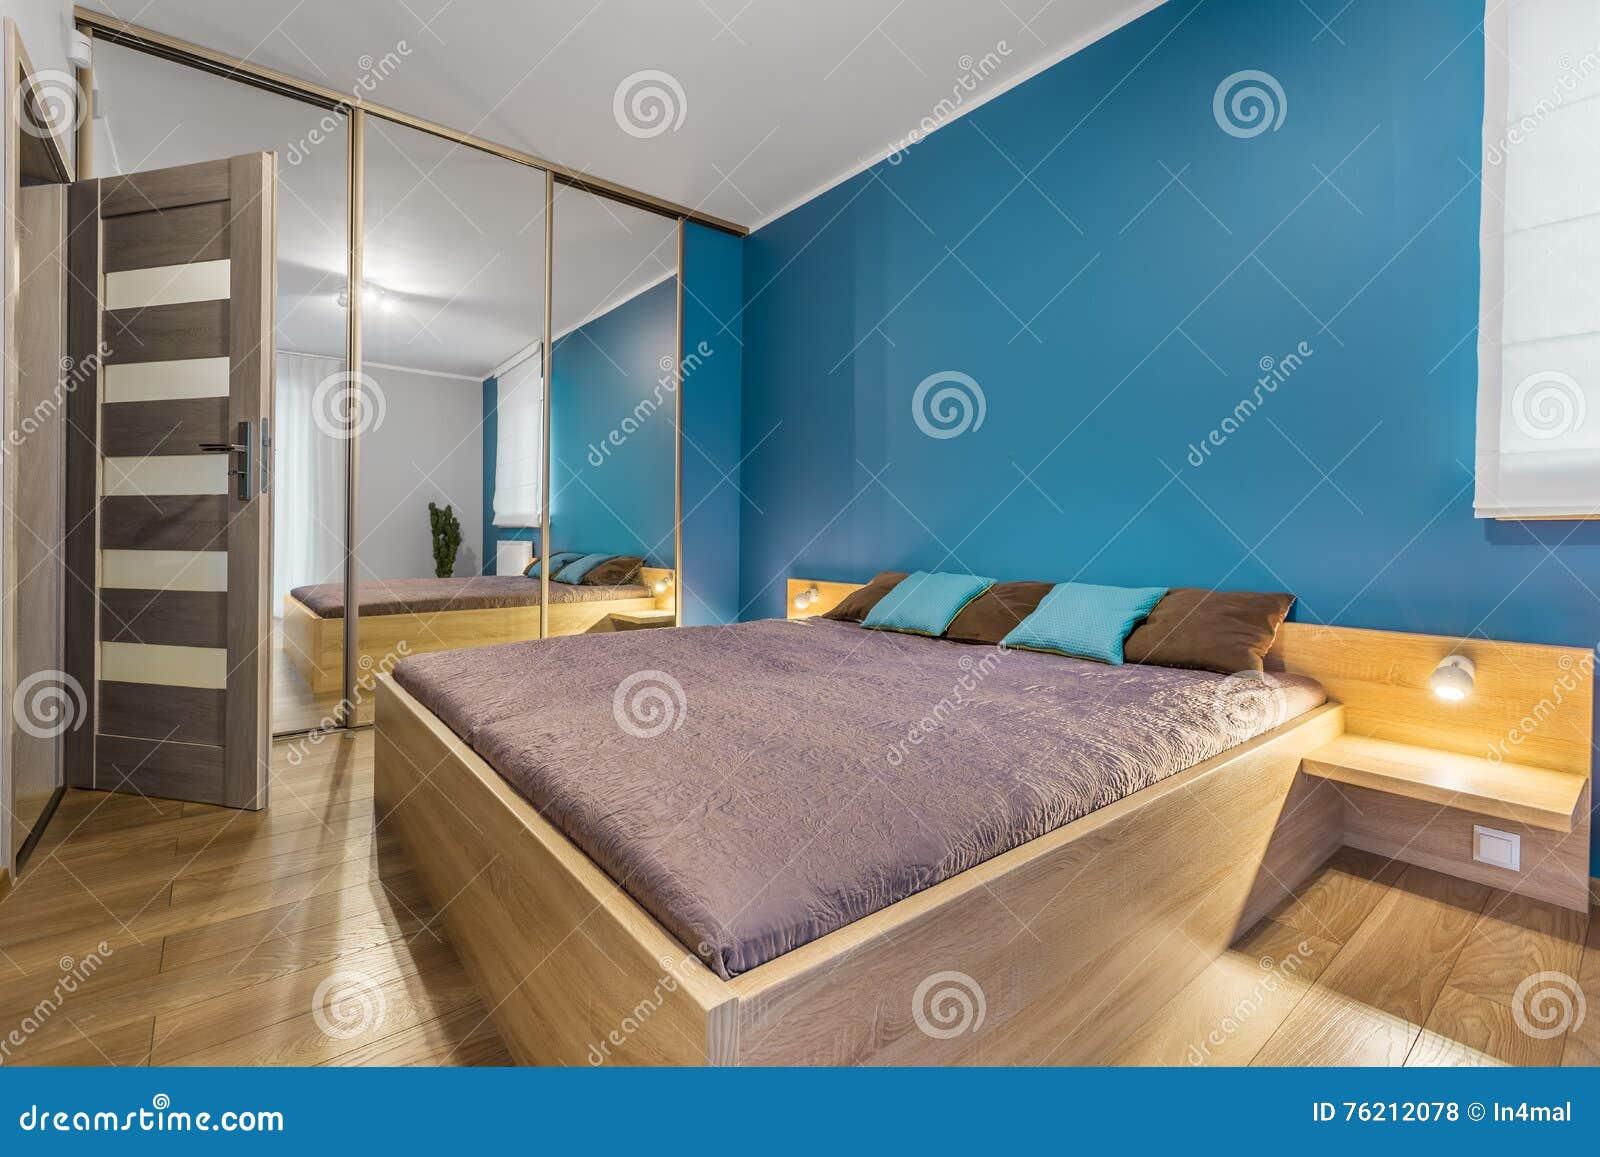 Współczesna Sypialnia Z Królewiątko Rozmiaru łóżka Pomysłem